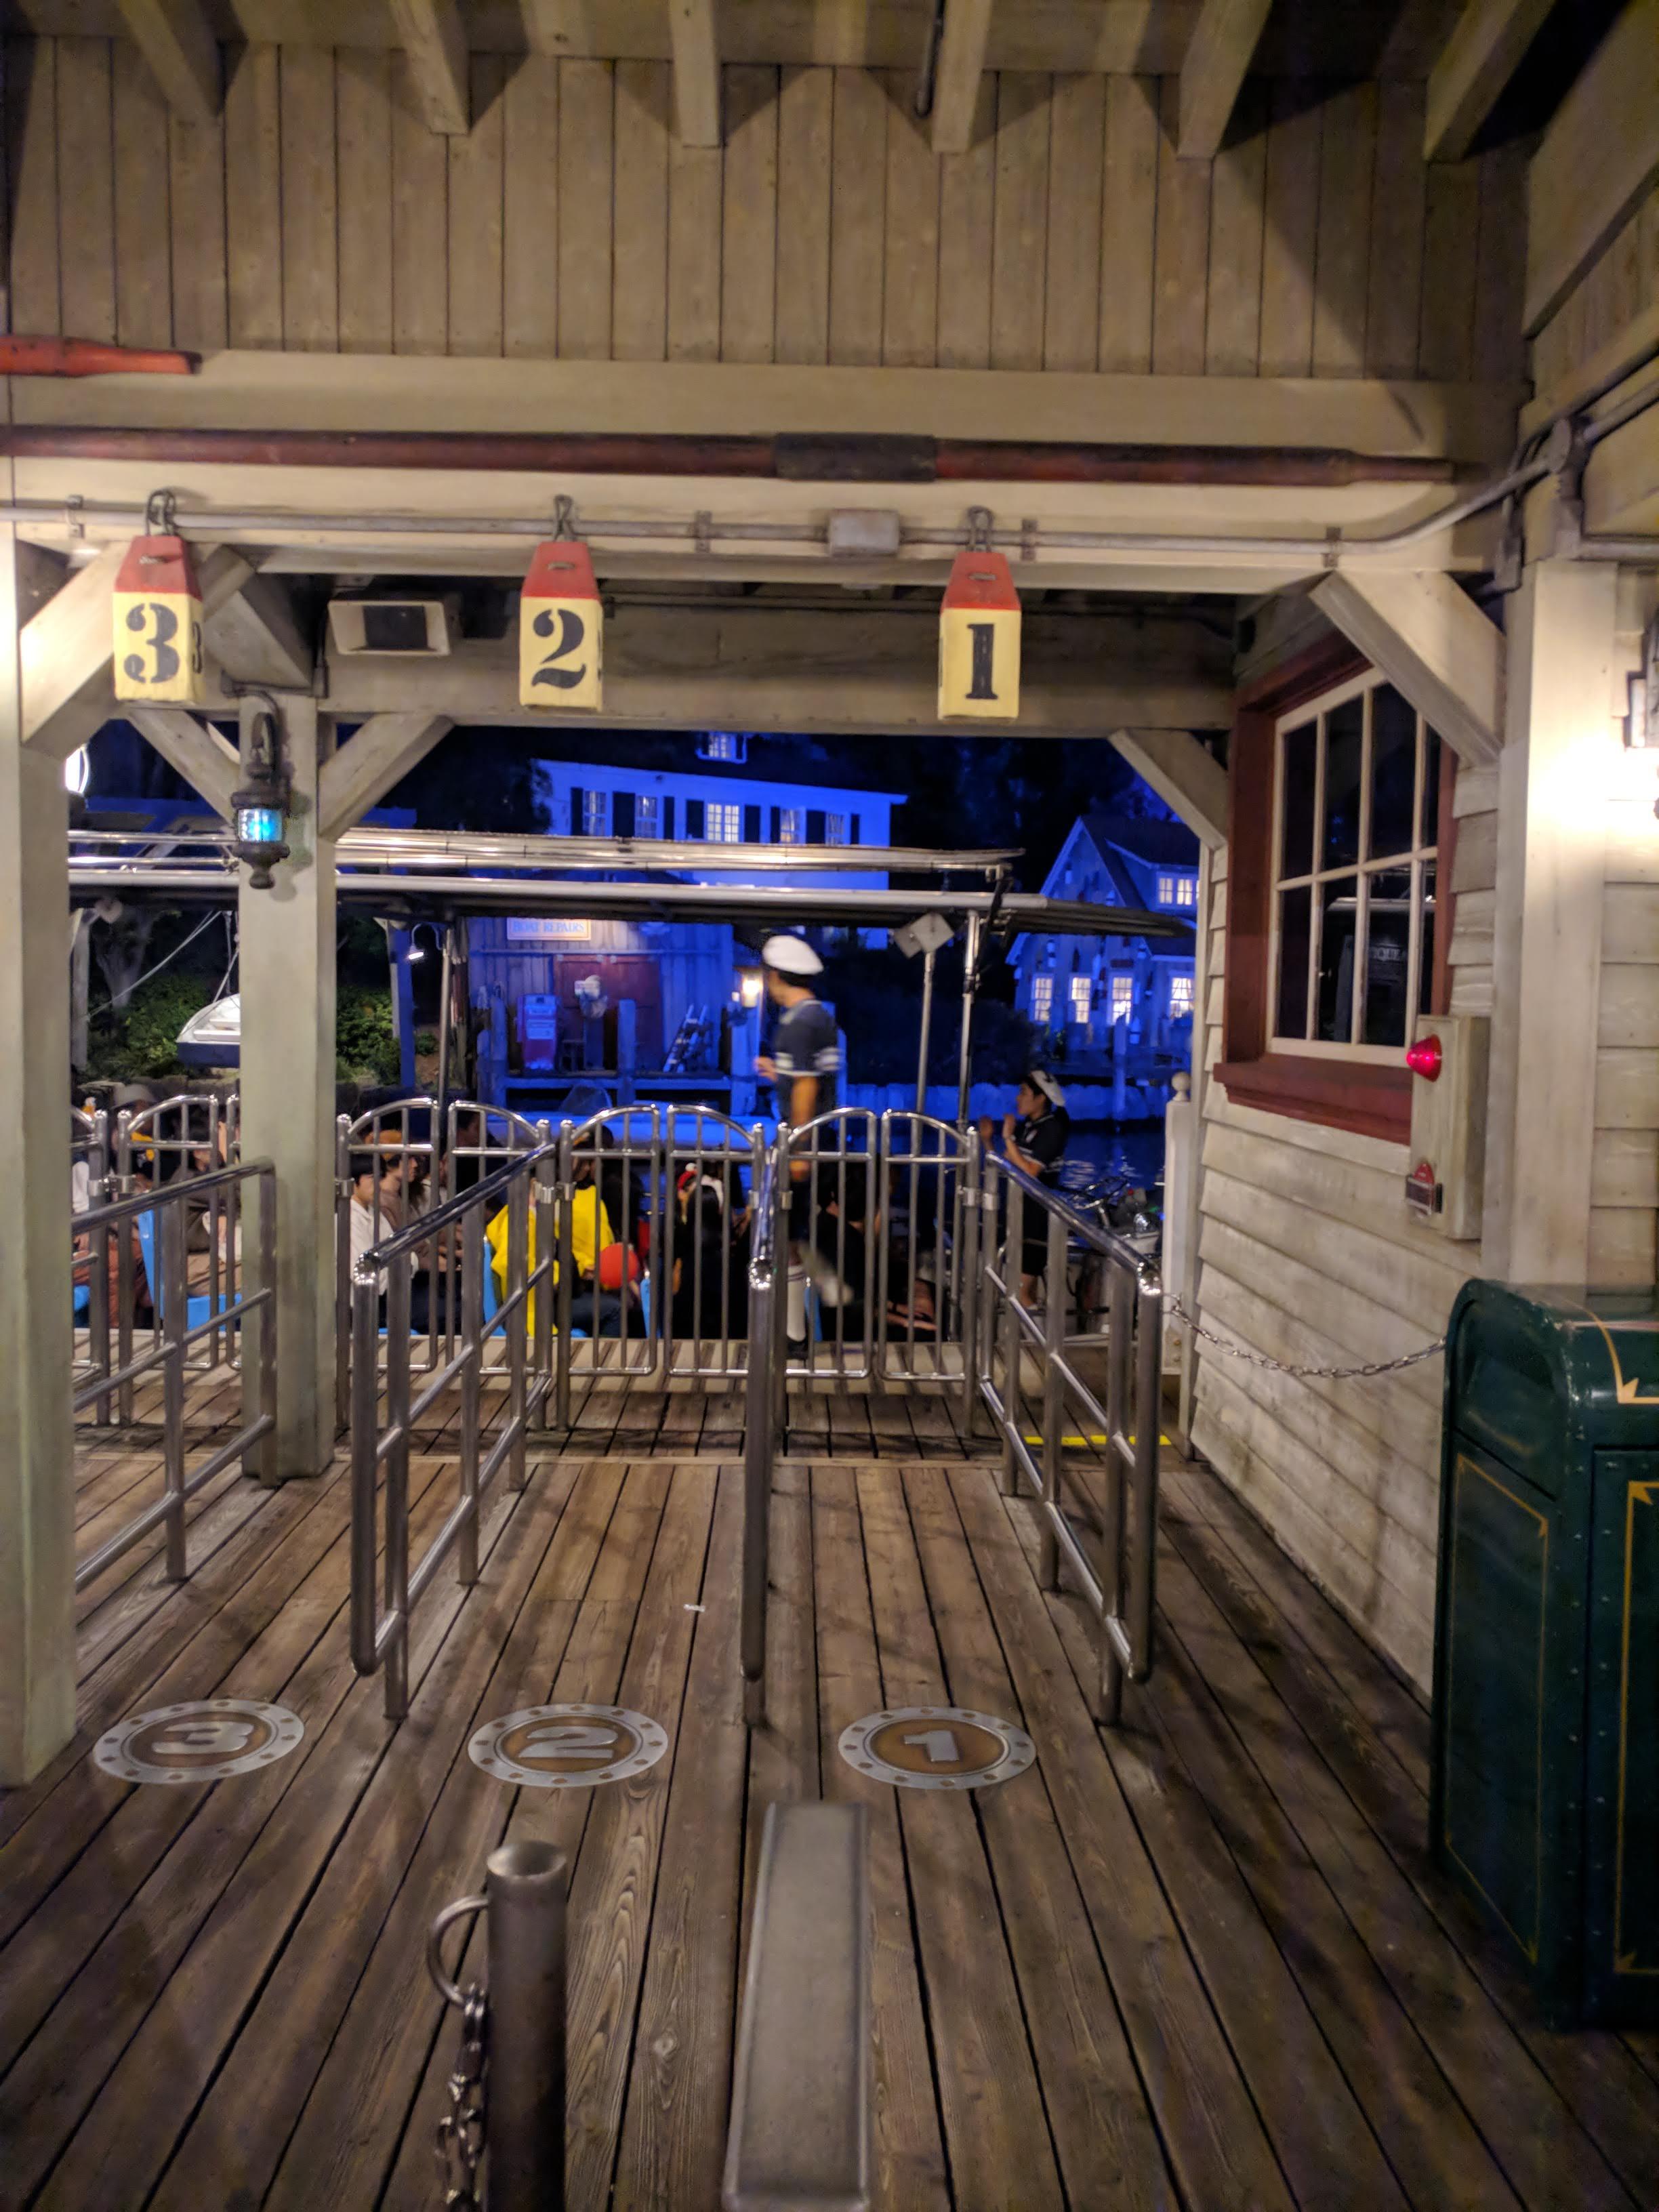 Jaws - Universal Studios Japan